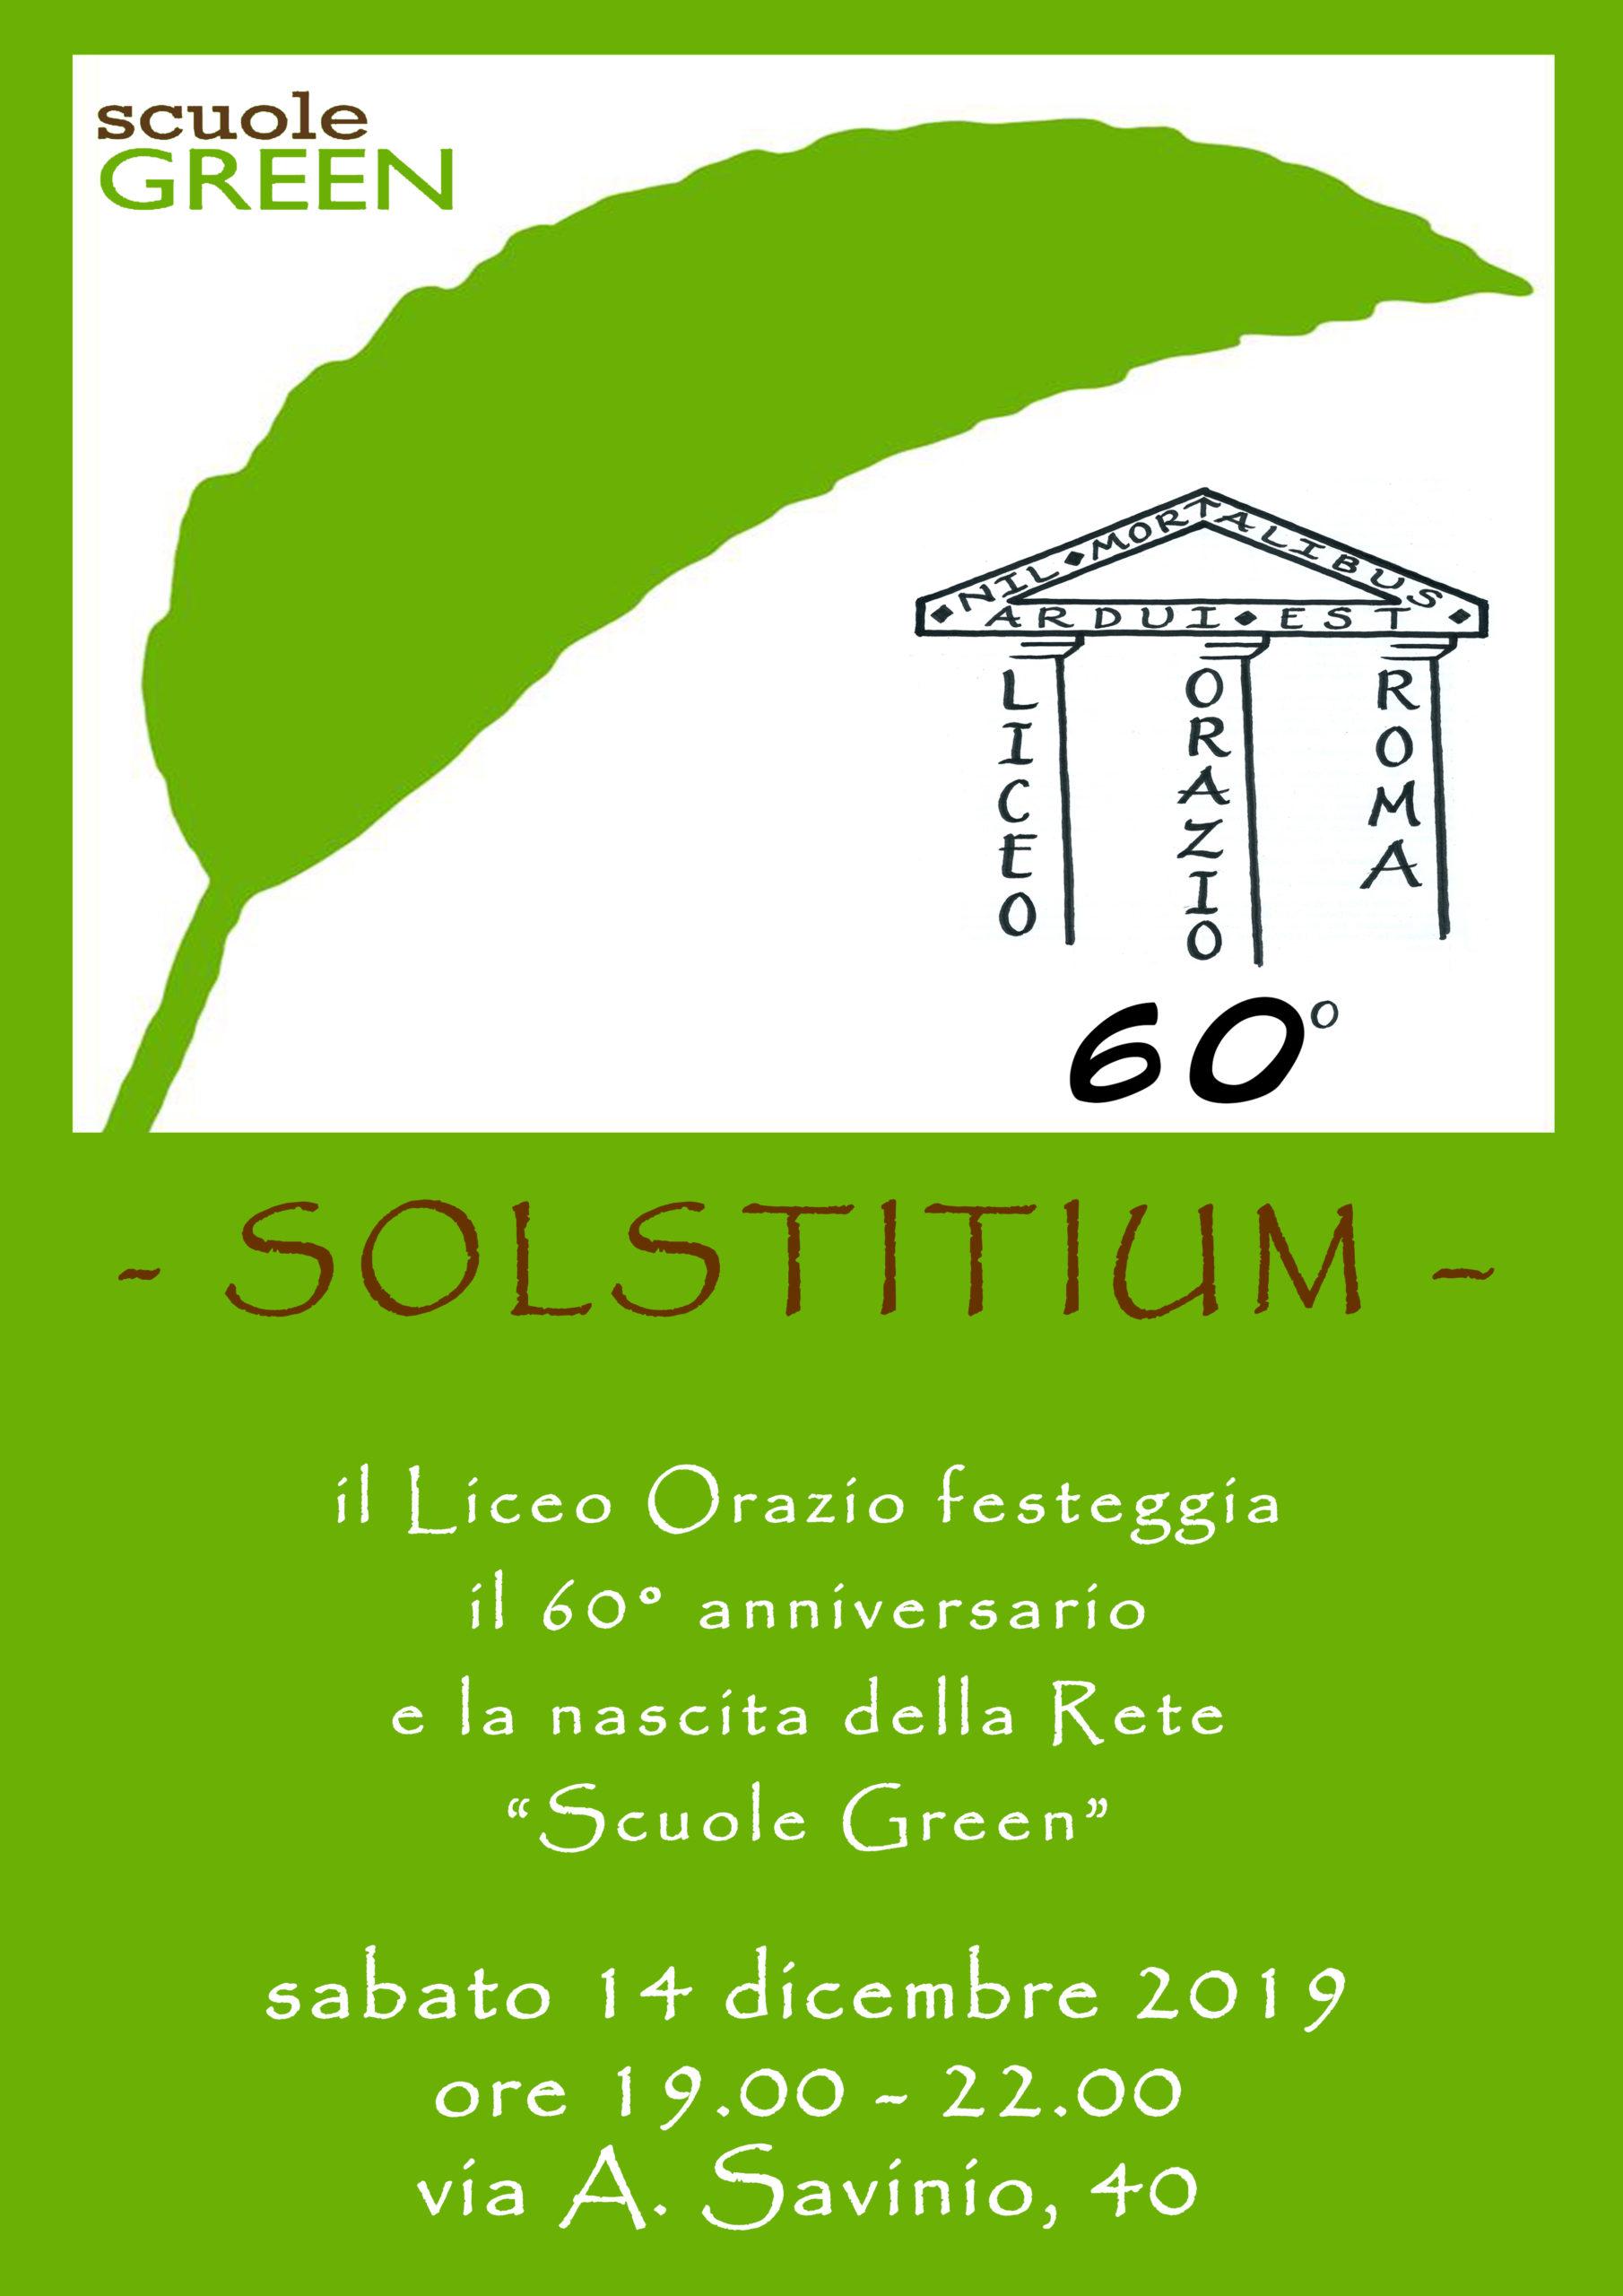 Locandina SOLSTITIUM 2019